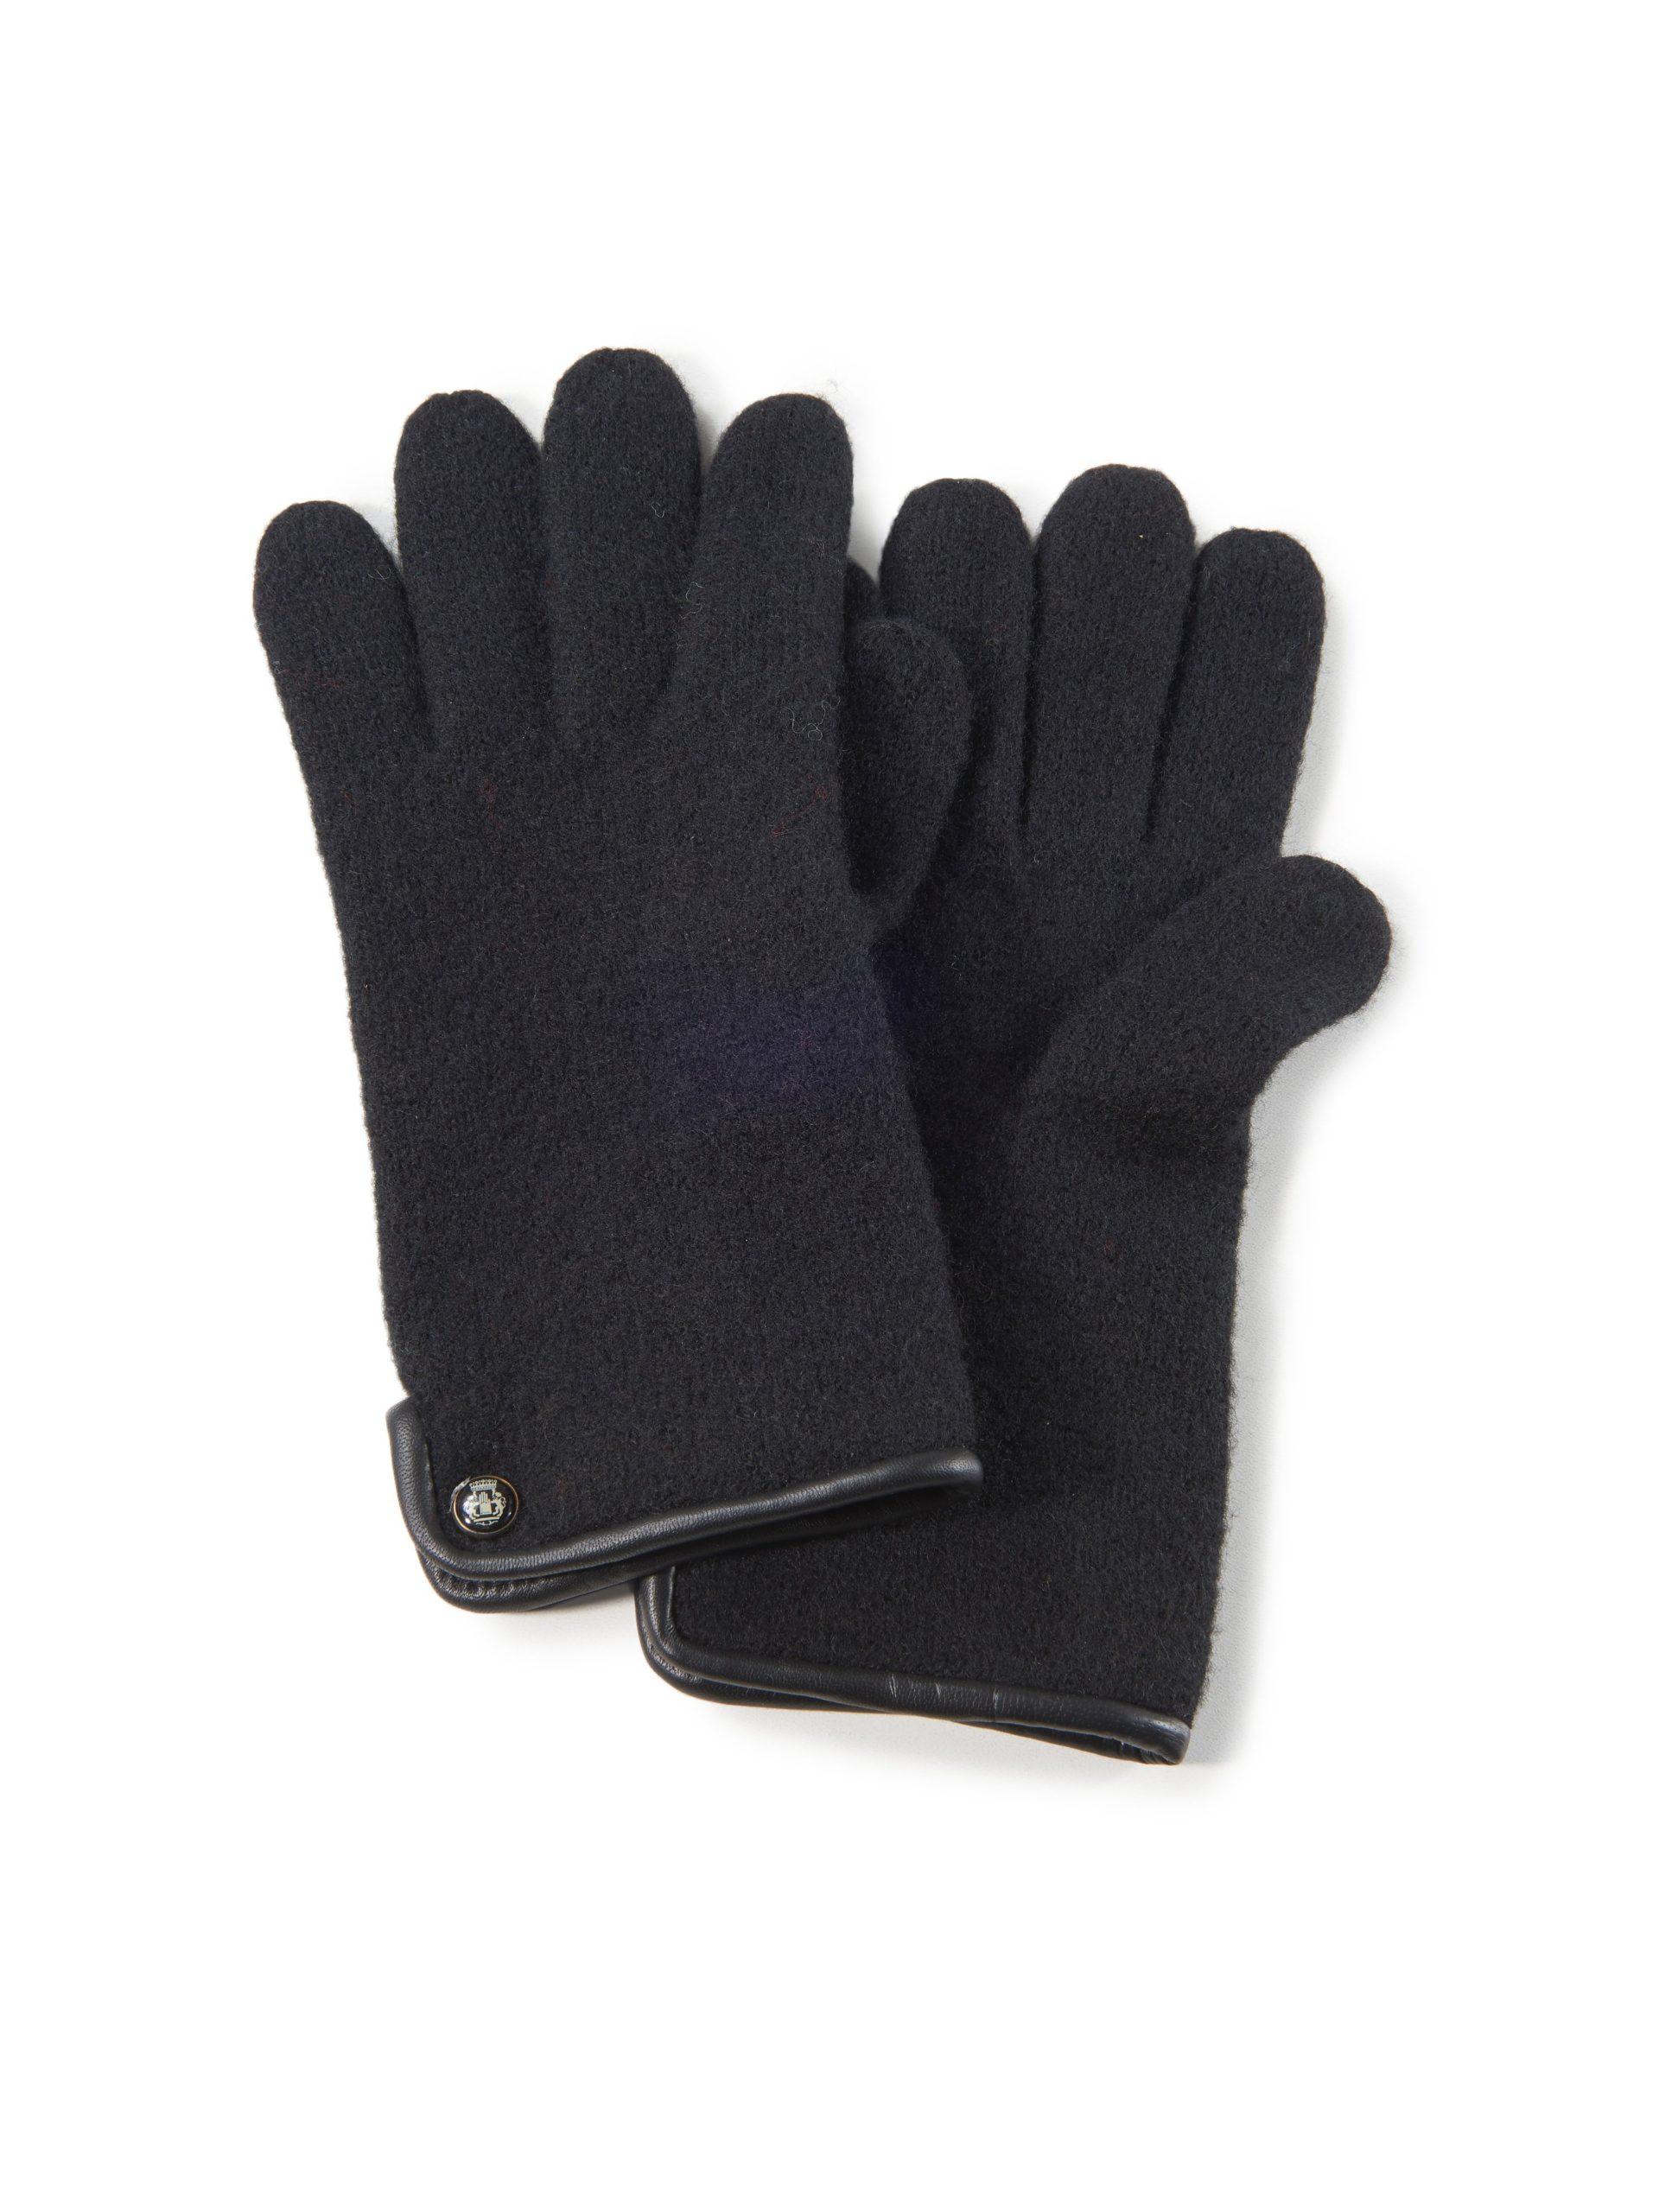 Handschoenen van 100% scheerwol Van Roeckl zwart Kopen